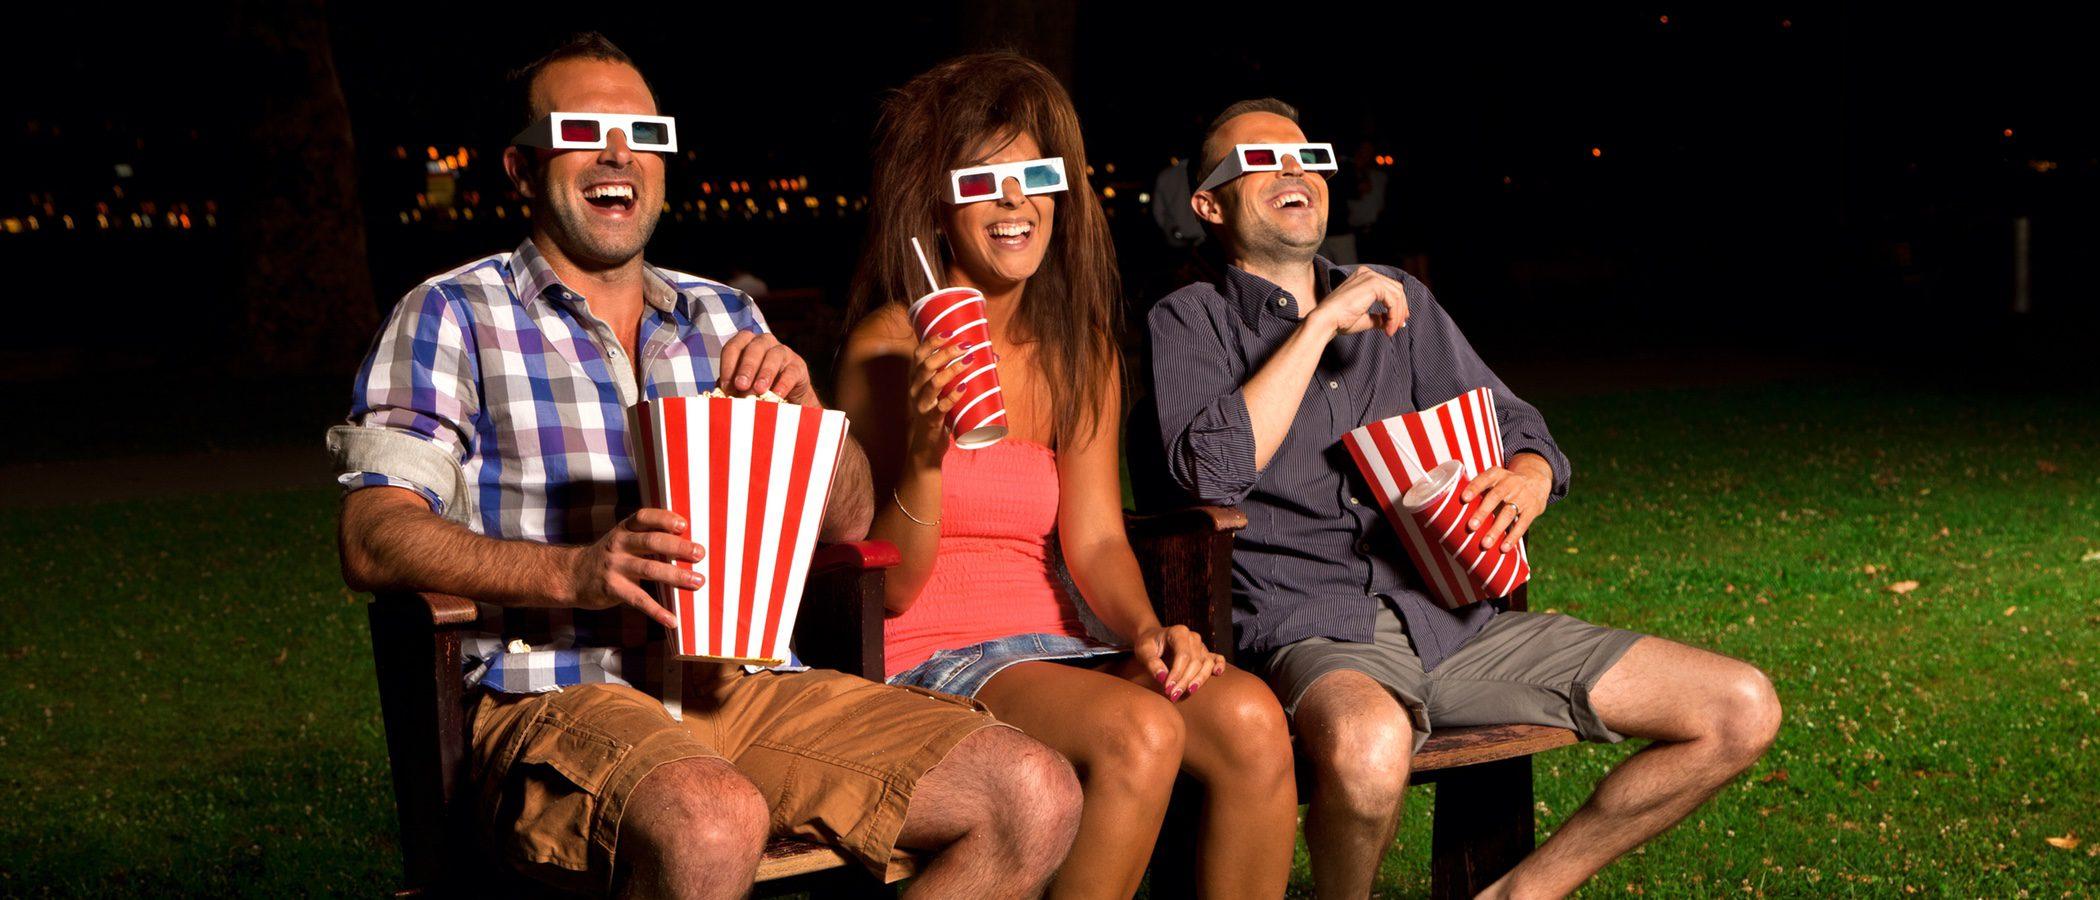 Cómo vestirse para ir a un cine de verano